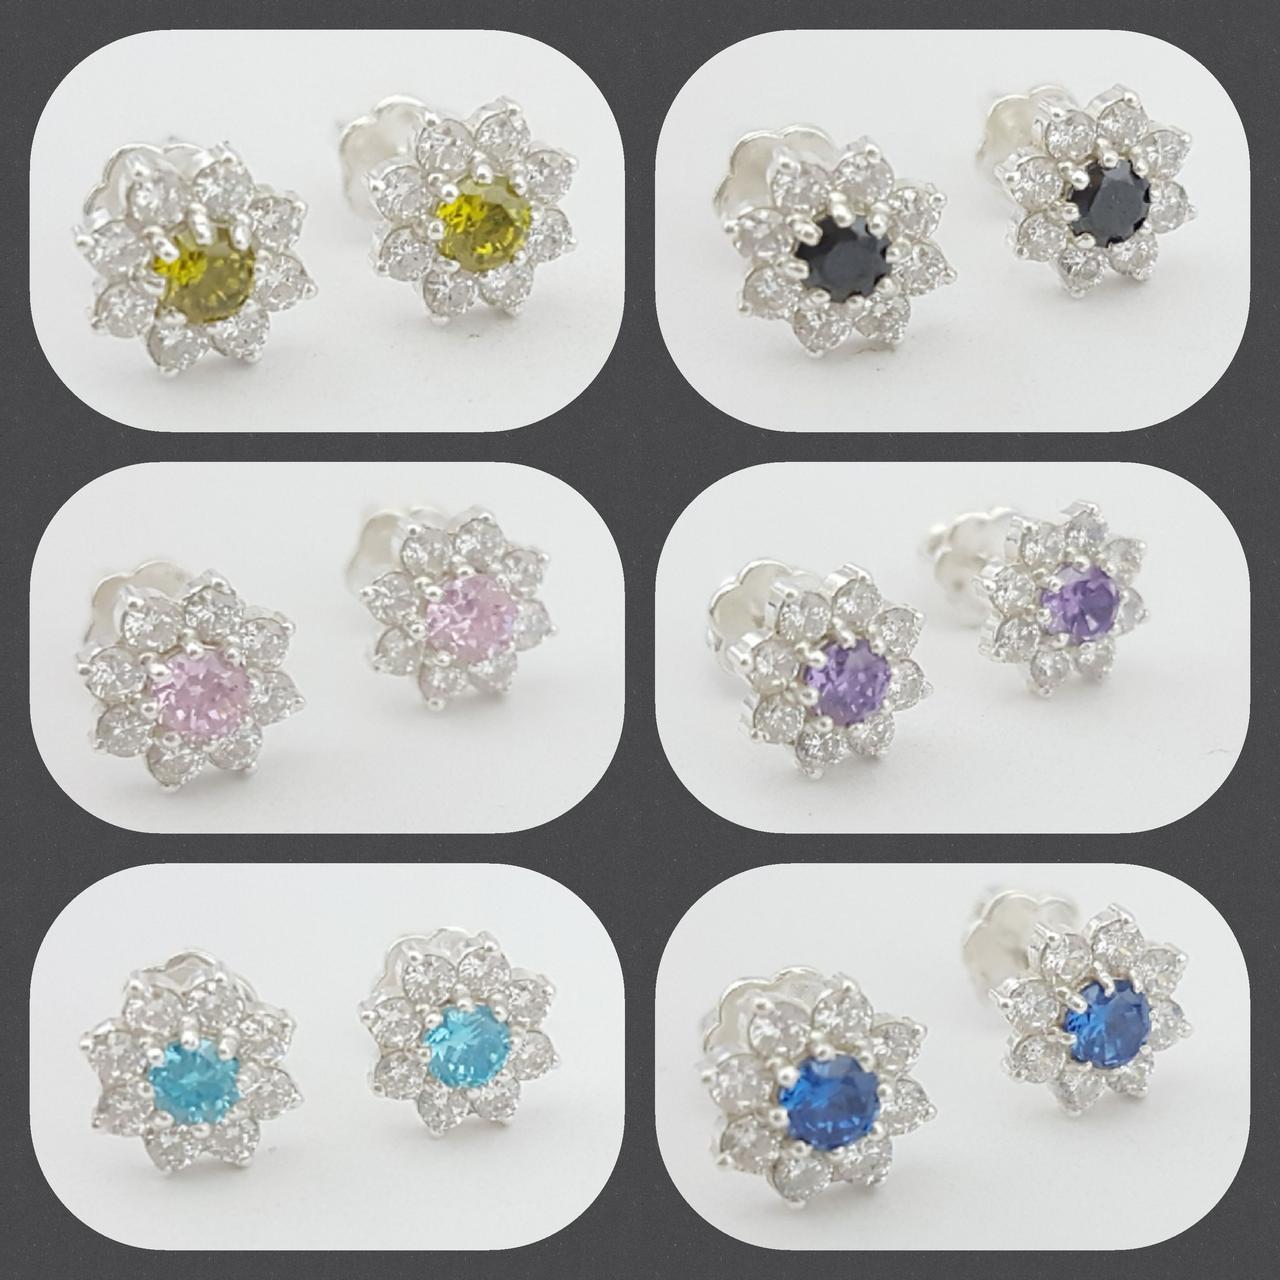 e7175edb21f2 Купить Серебряные серьги-гвоздики с камнями